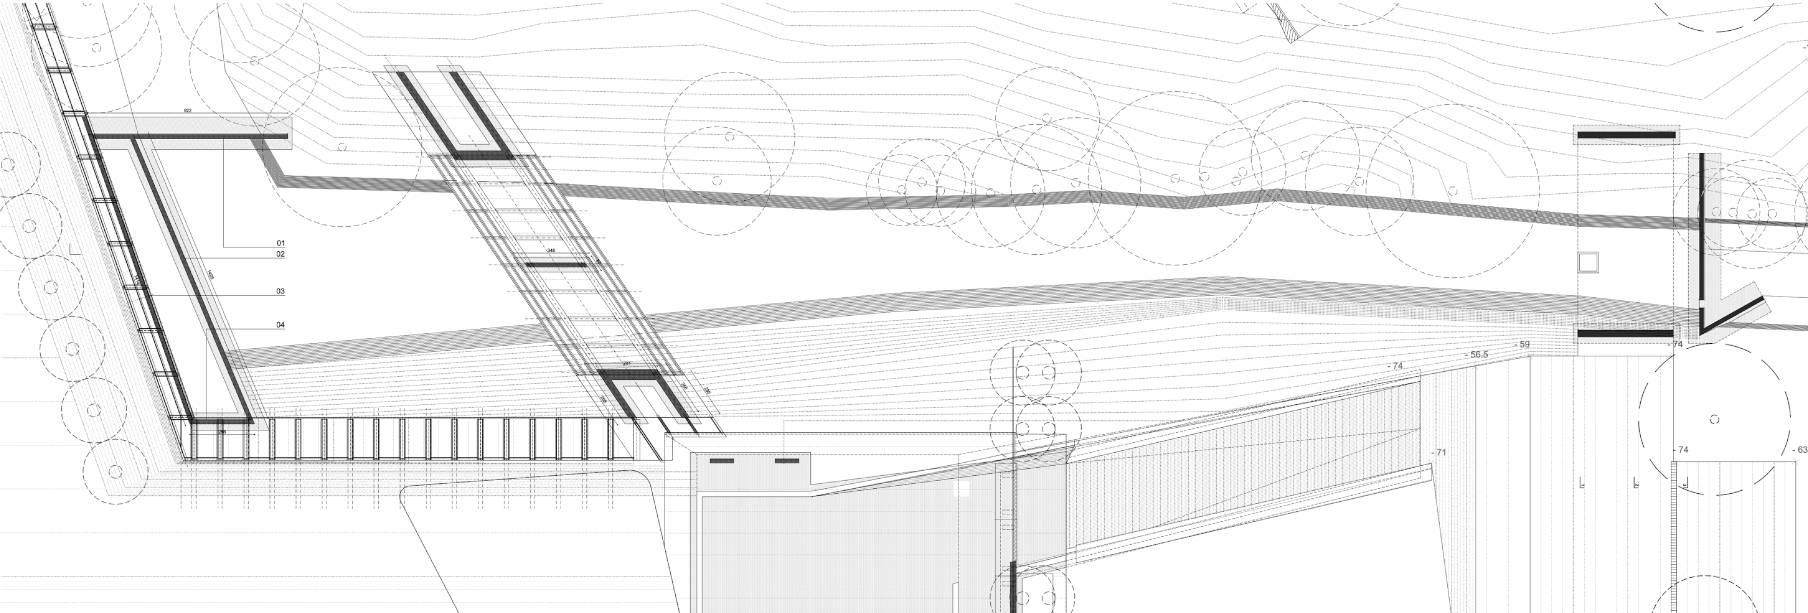 CZ Studio progetto parco Mantova